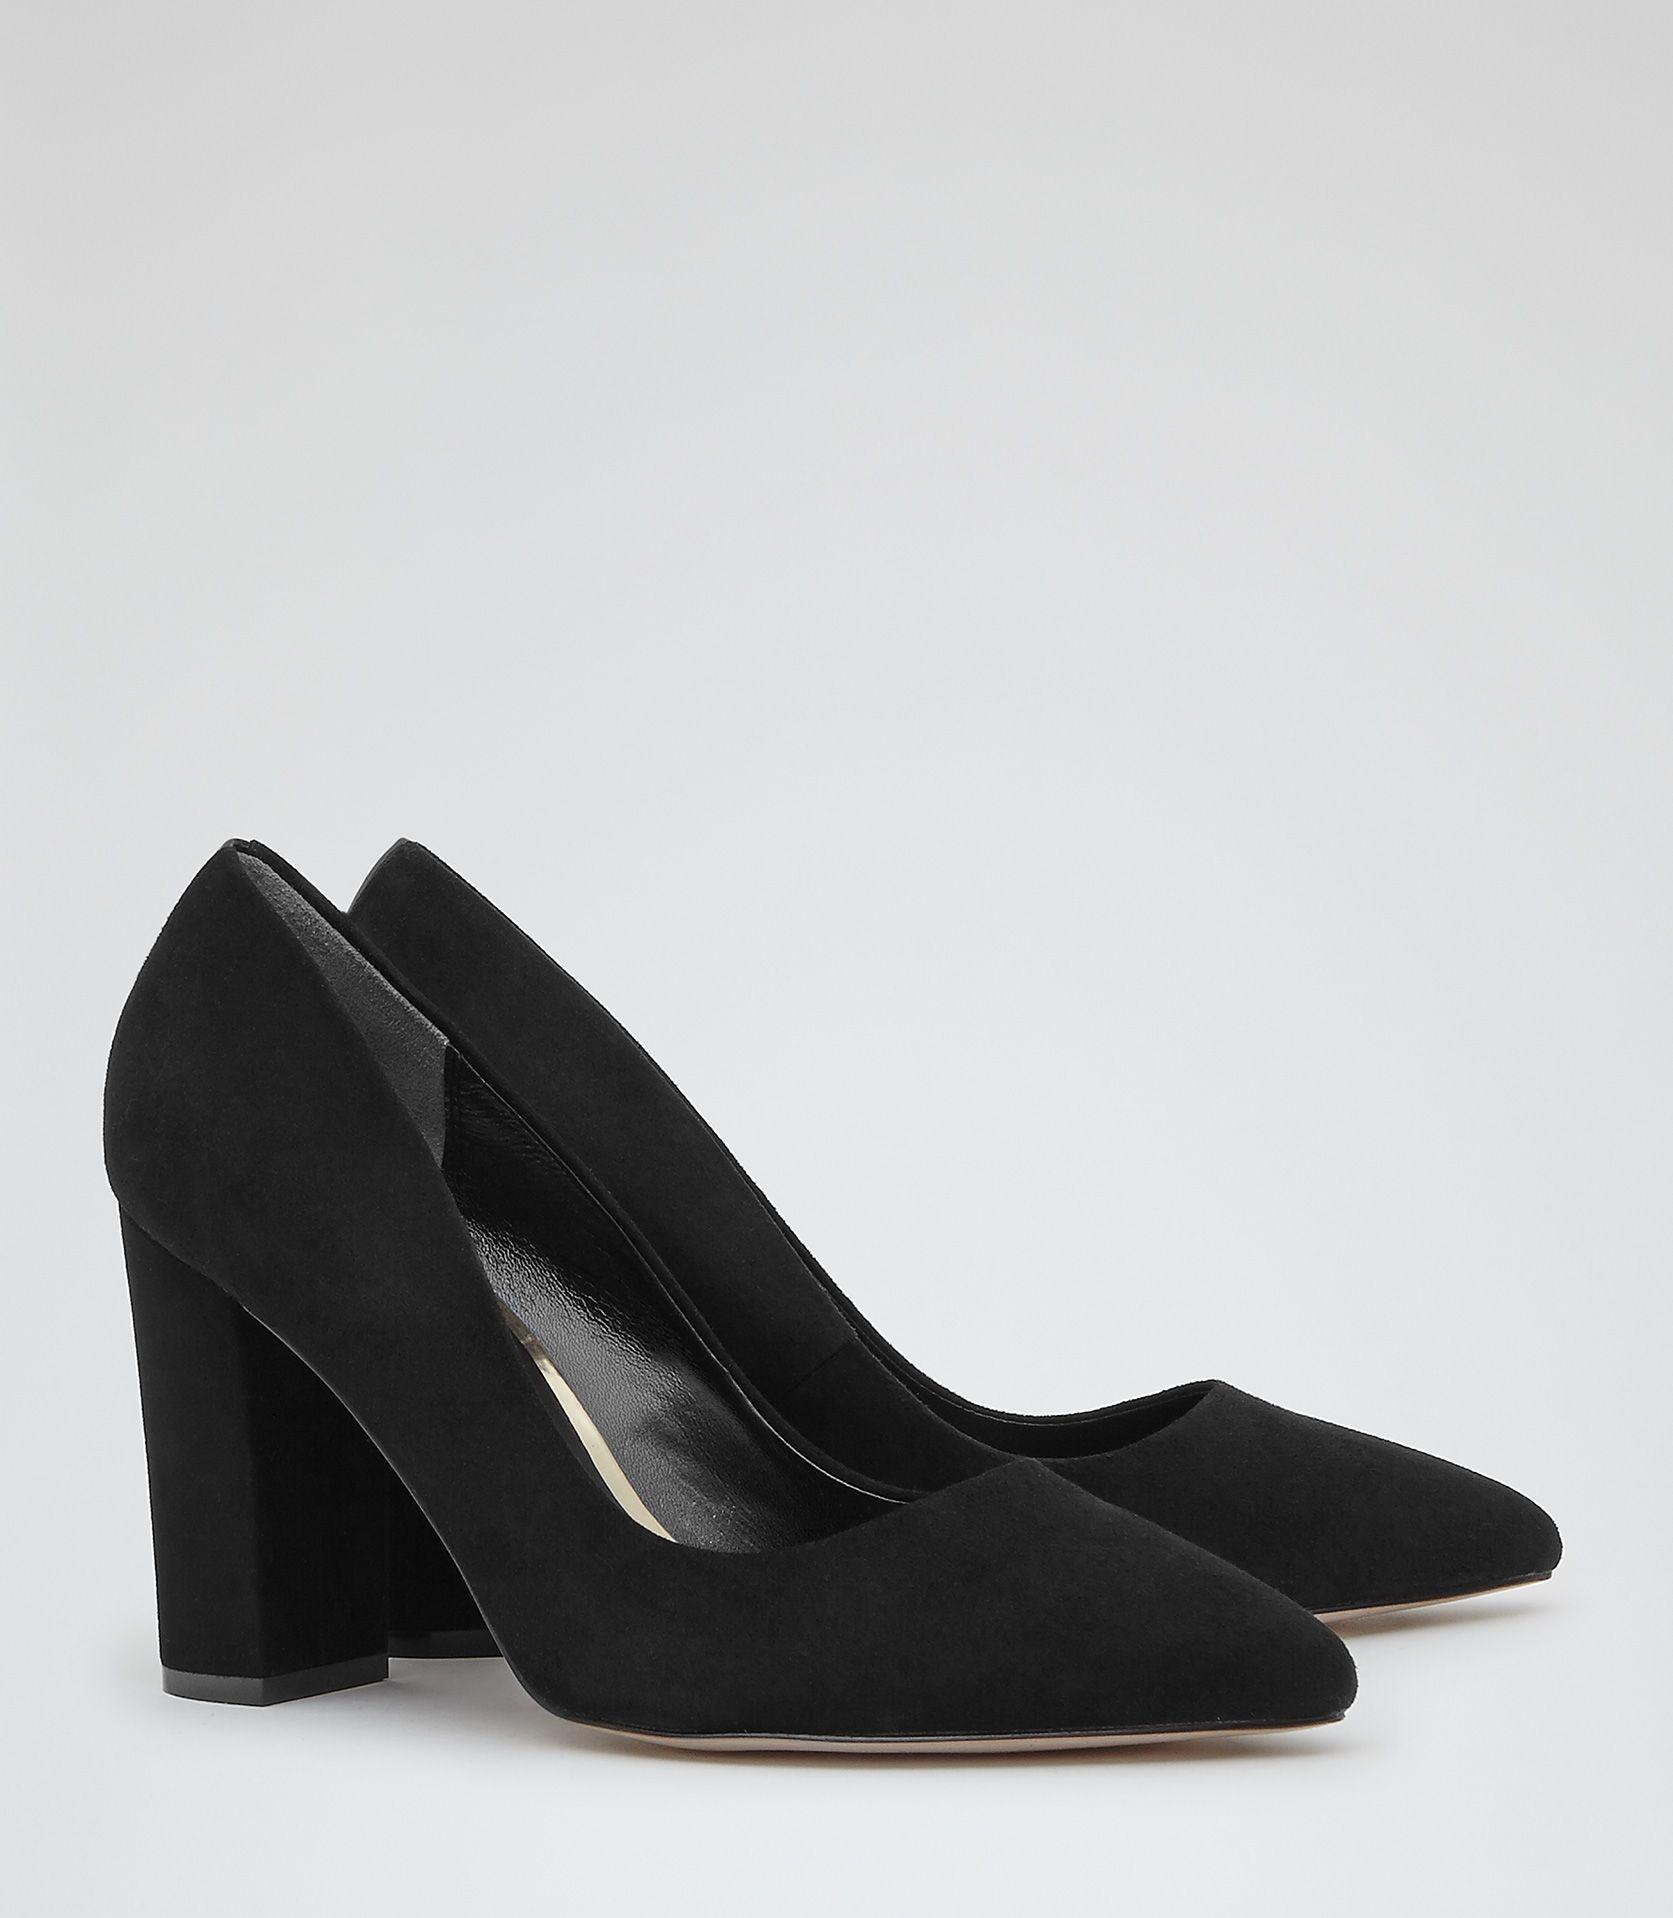 Block Heel Suede Shoes | Shoes, Heels